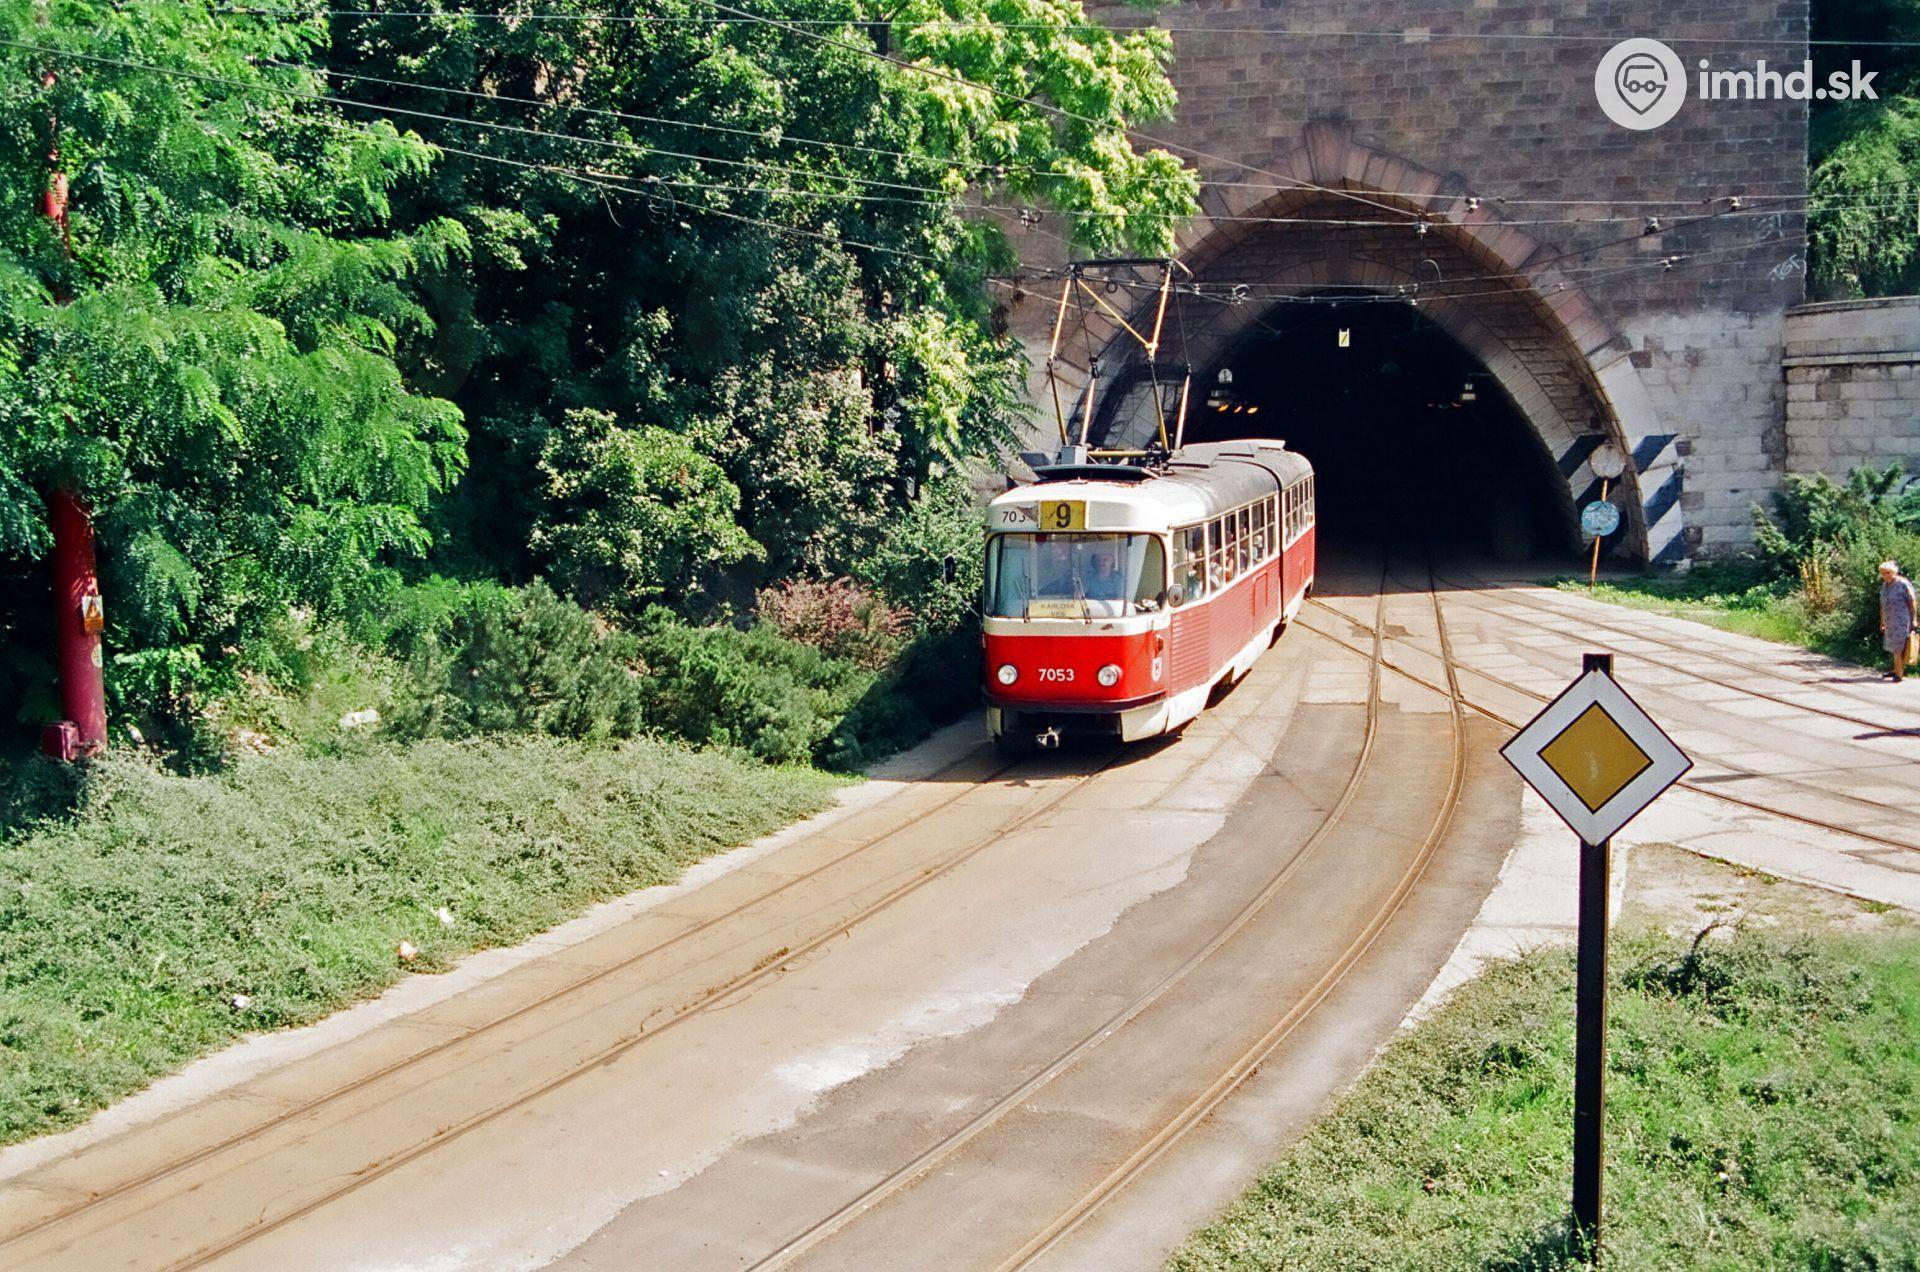 Zmeny v električkách po otvorení tunela od 1 5 2013 • imhd